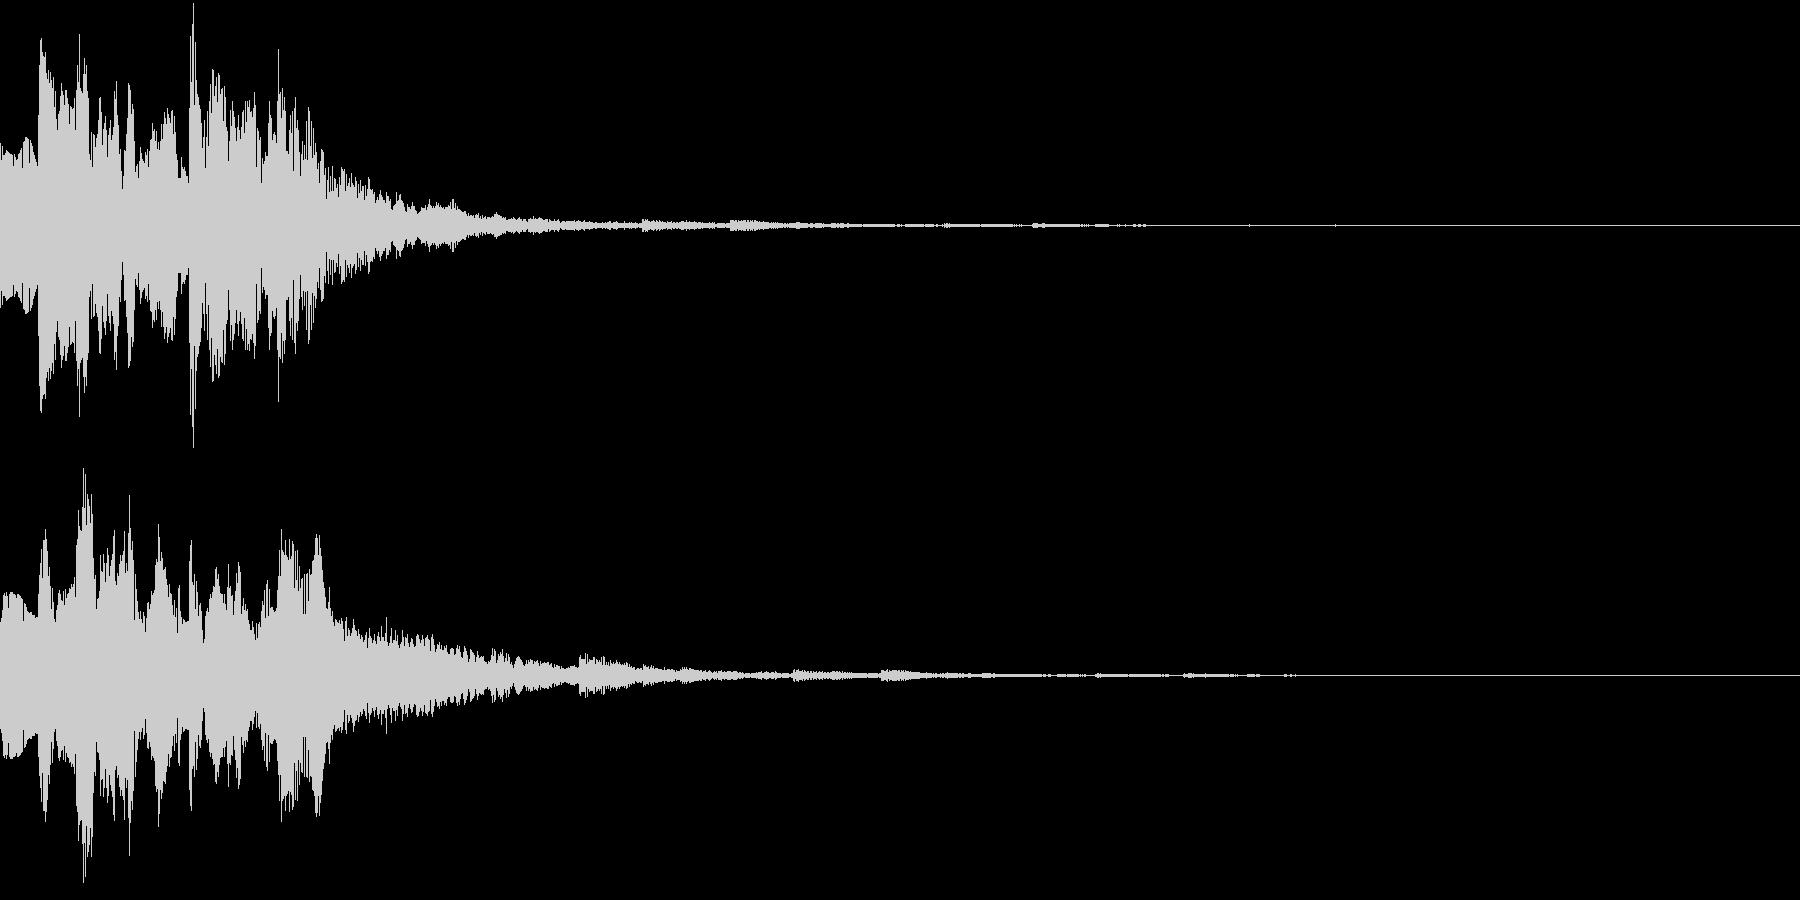 GameSFX ゲーム内の効果音 3の未再生の波形